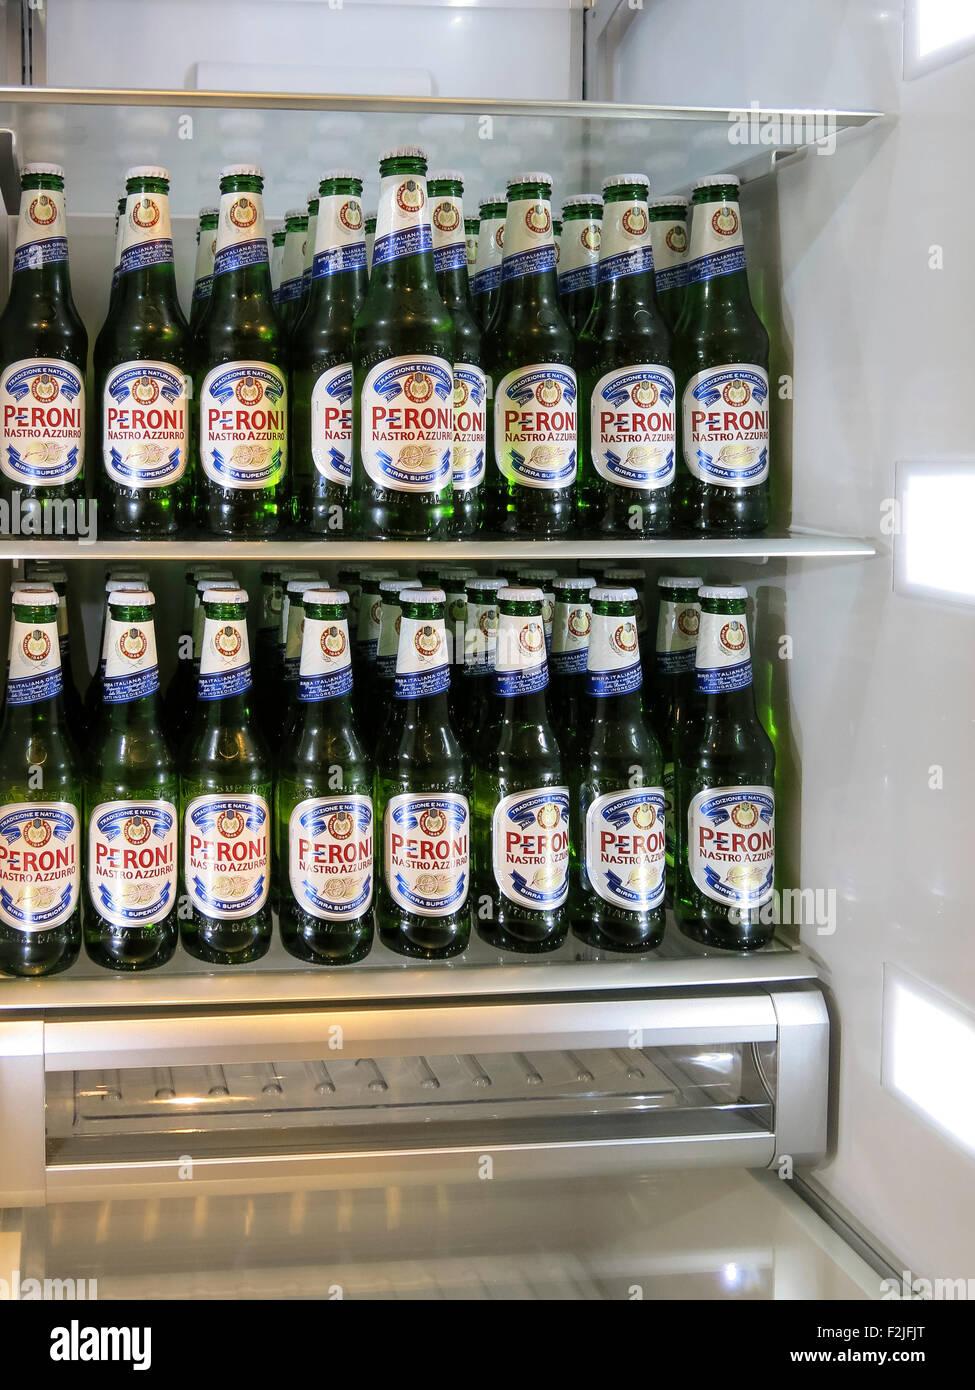 Kühlschrank gefüllt mit Flaschen Peroni-Bier Stockfoto, Bild ...